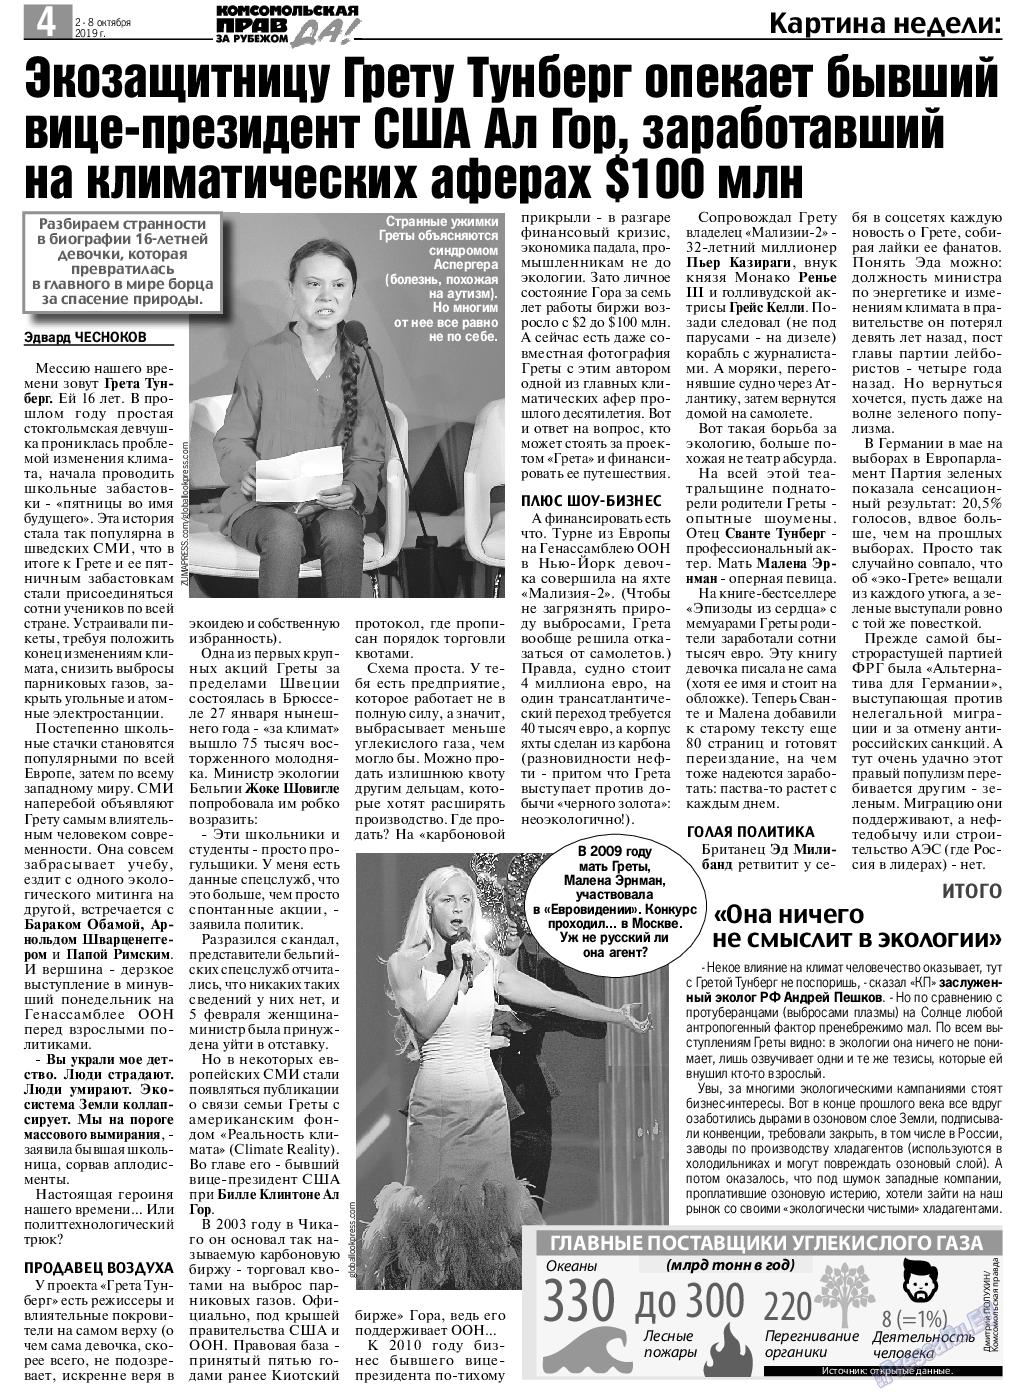 КП в Европе (газета). 2019 год, номер 40, стр. 4